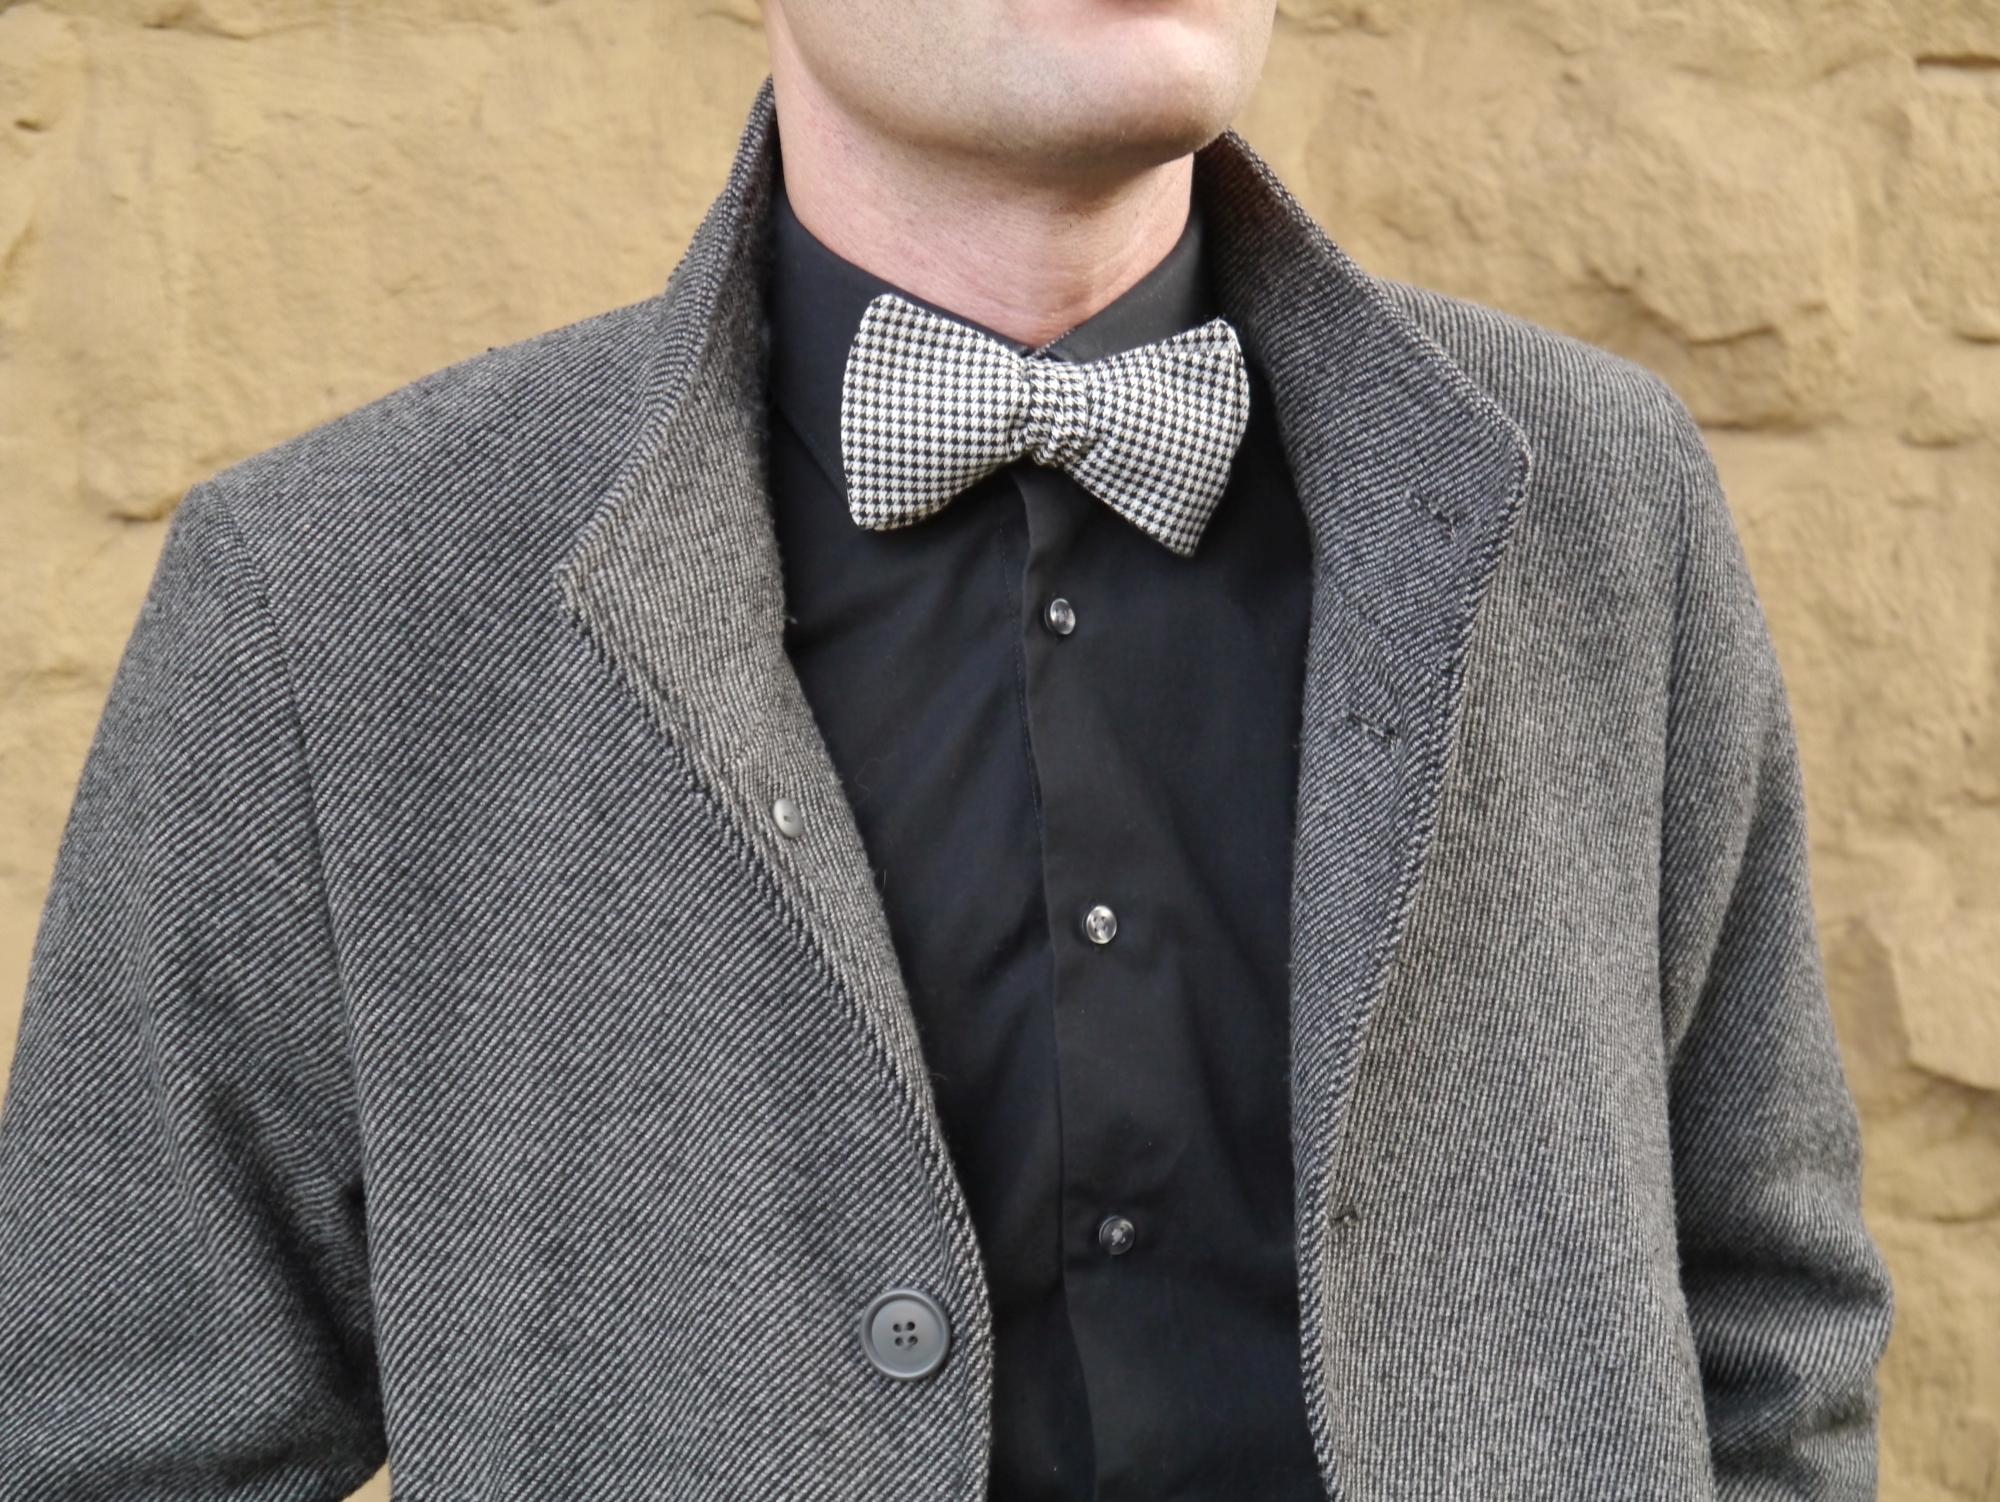 schwarz weiß karierte fliege zum selberbinden auf schwarzes hemd und mantel